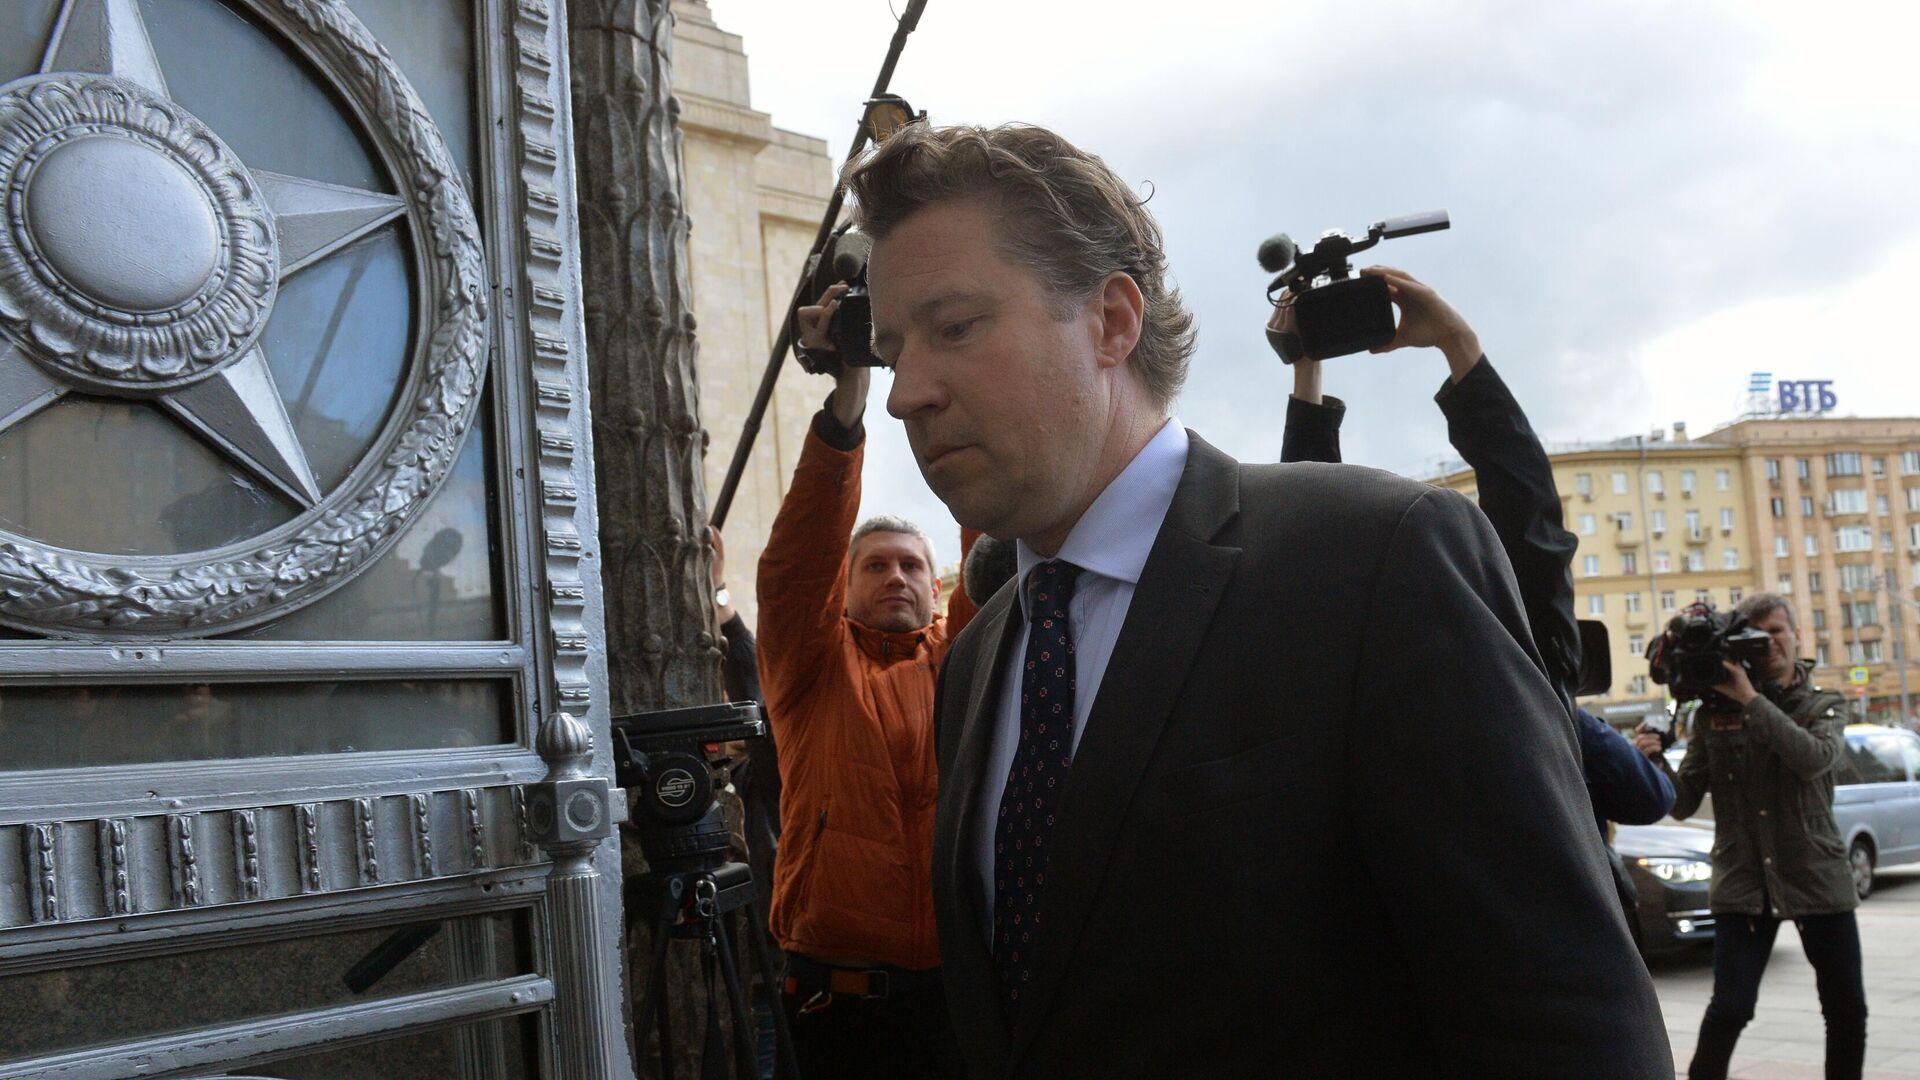 Посол ФРГ Геза Андреас фон Гайр входит в здание МИД РФ в Москве - РИА Новости, 1920, 09.09.2020